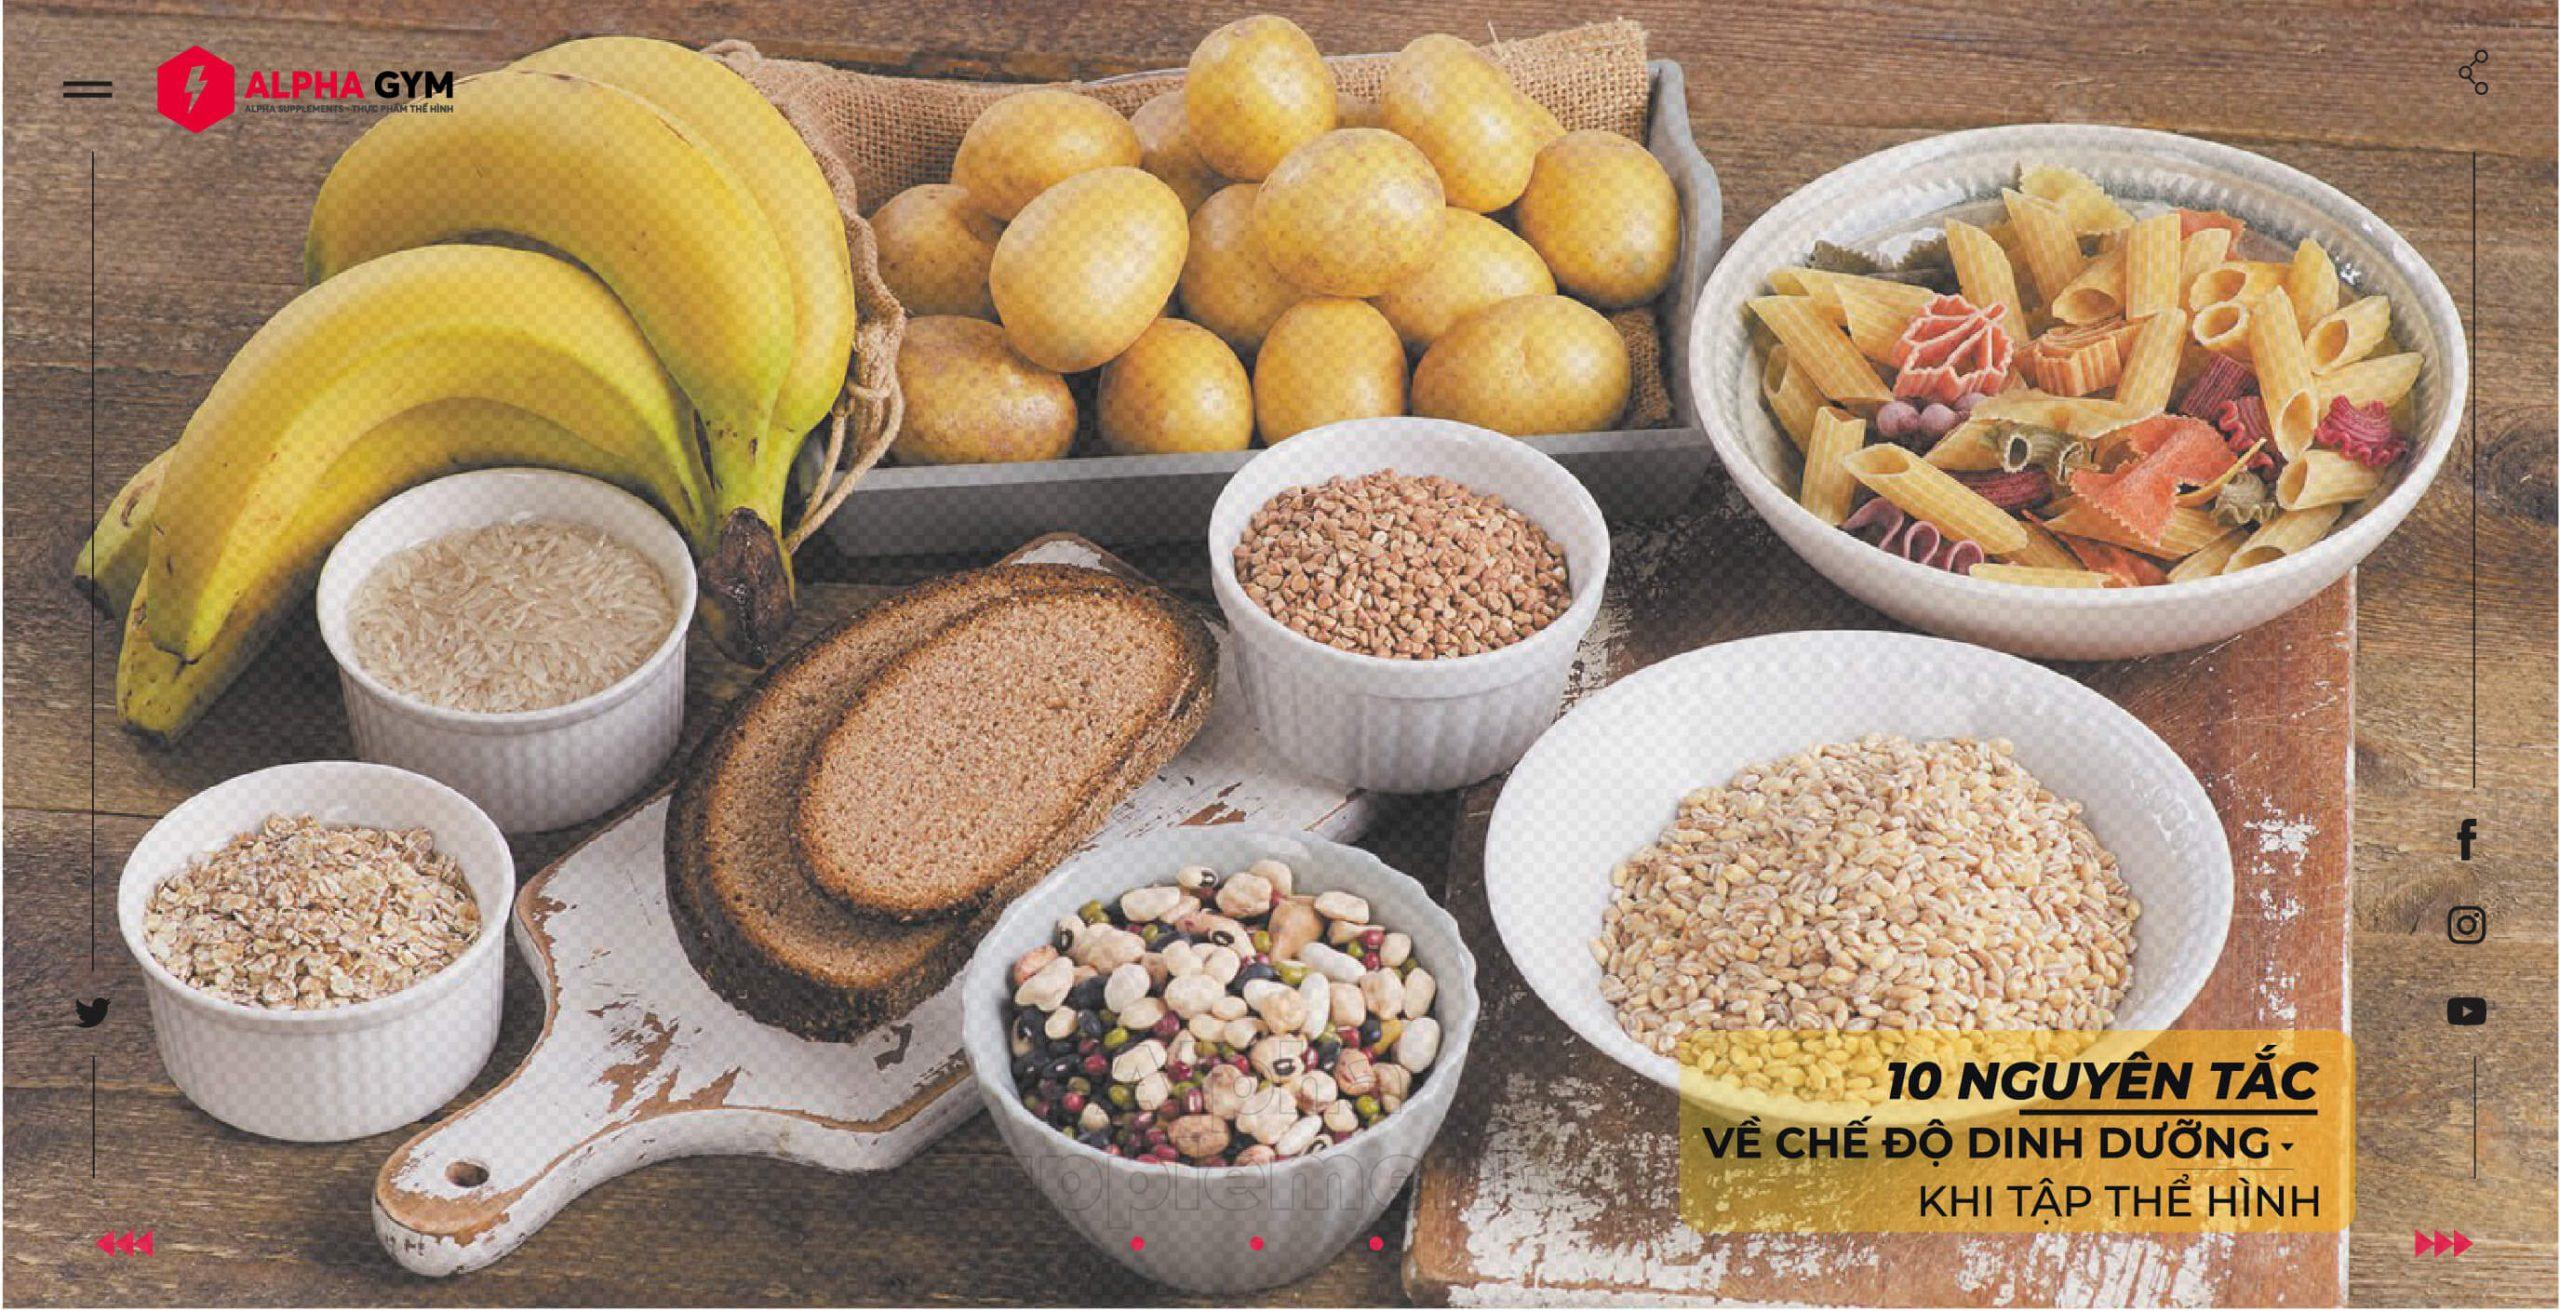 10 nguyên tắc về chế độ dinh dưỡng khi tập thể hình